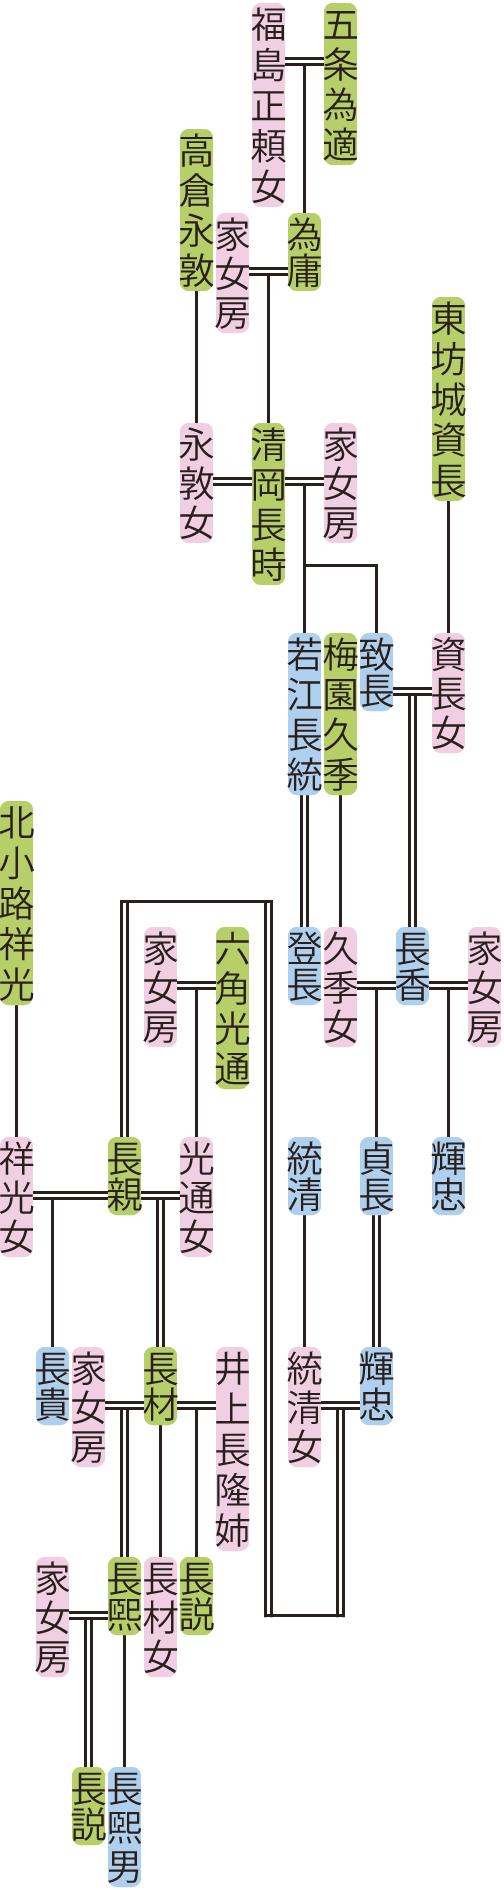 清岡長時~長説の系図